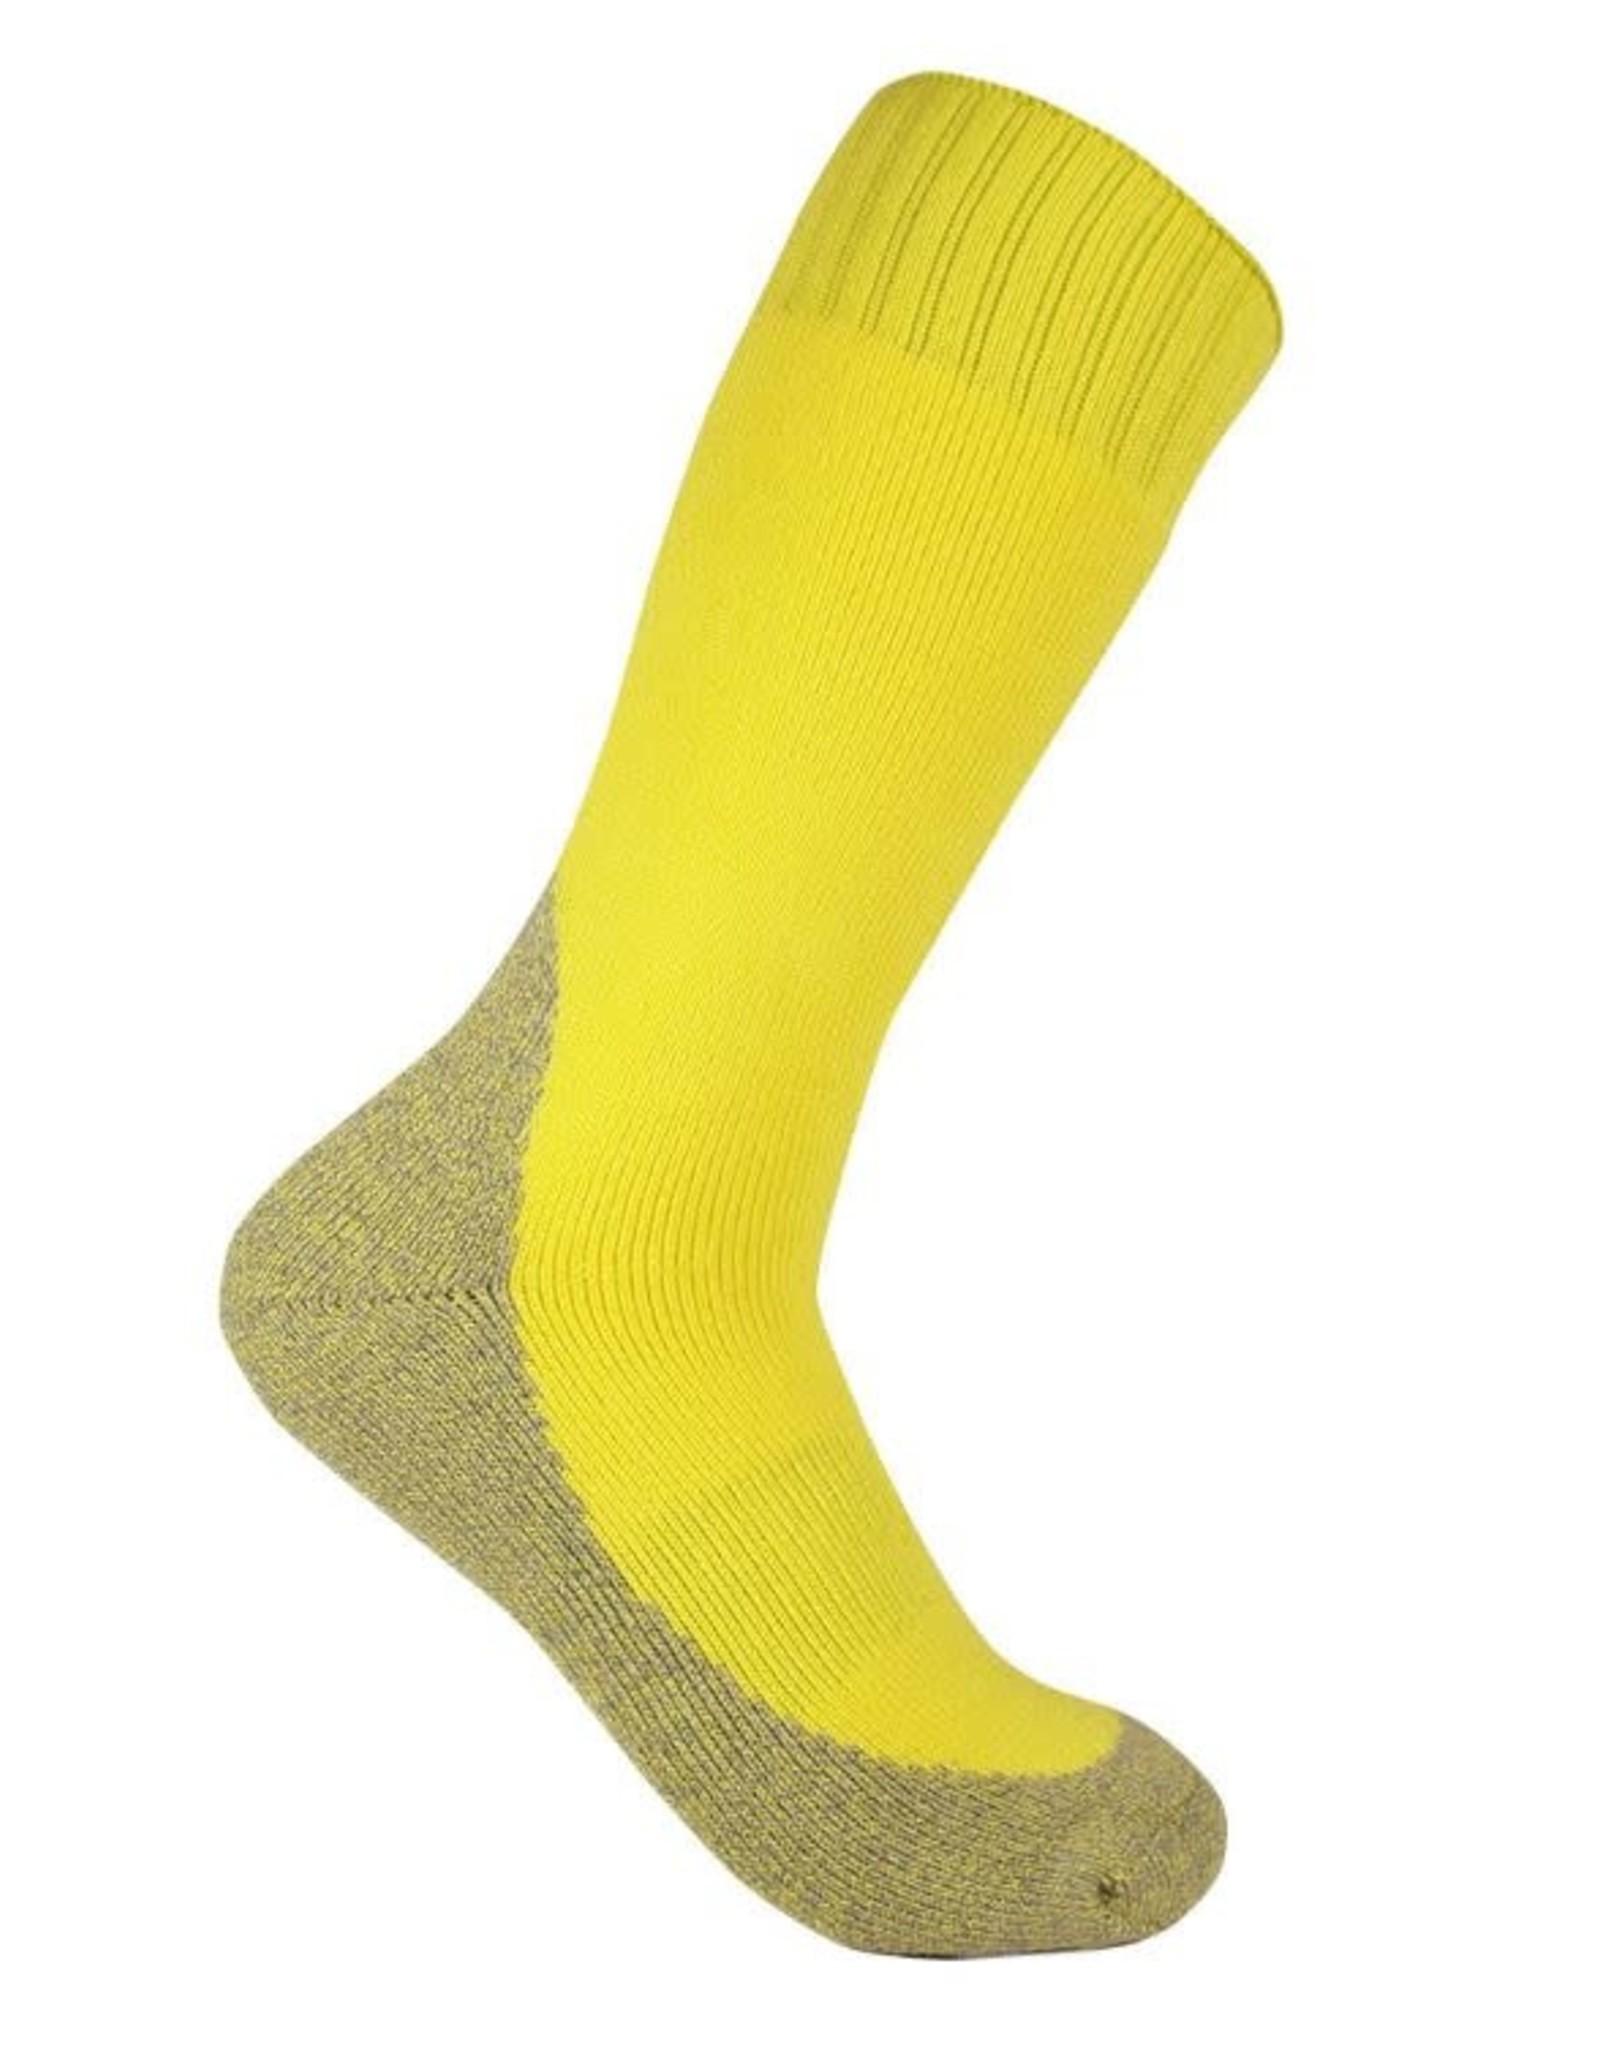 Bamboo 3G Bamboo Work Socks